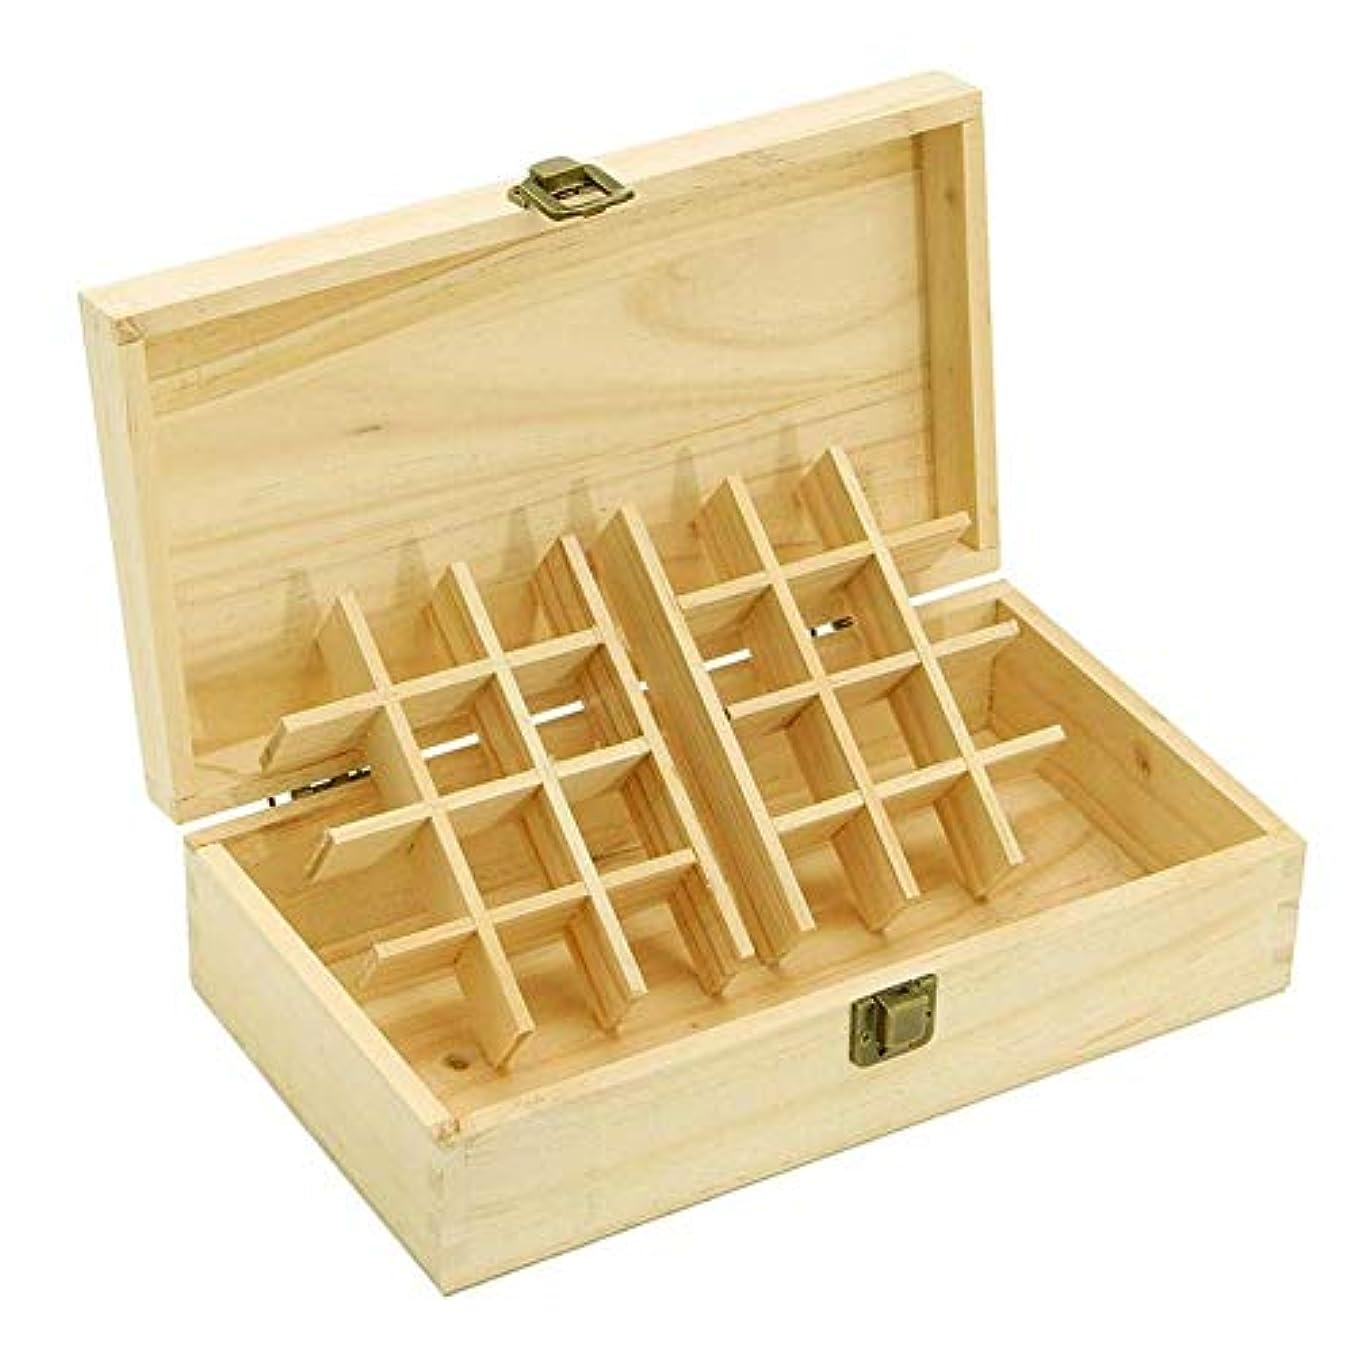 服を片付ける急行するトラフィックエッセンシャルオイル収納ボックス 純木の精油の収納箱 香水収納ケース アロマオイル収納ボックス